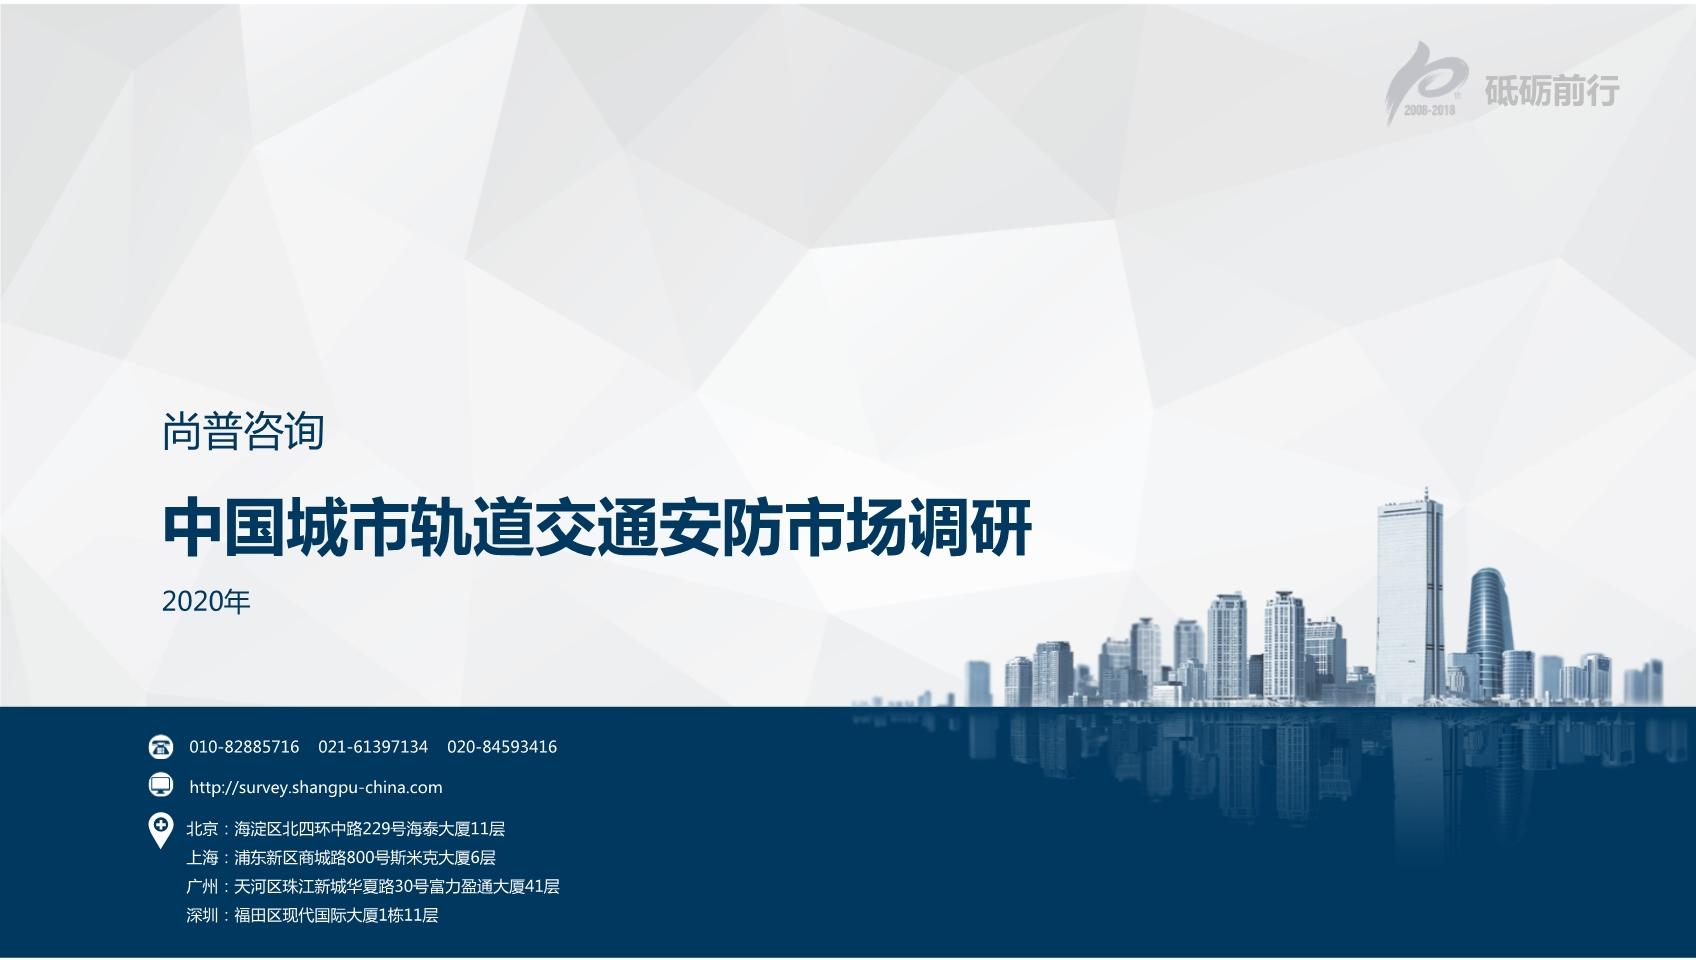 尚普咨询:2020年中国城市轨道交通安防市场调研